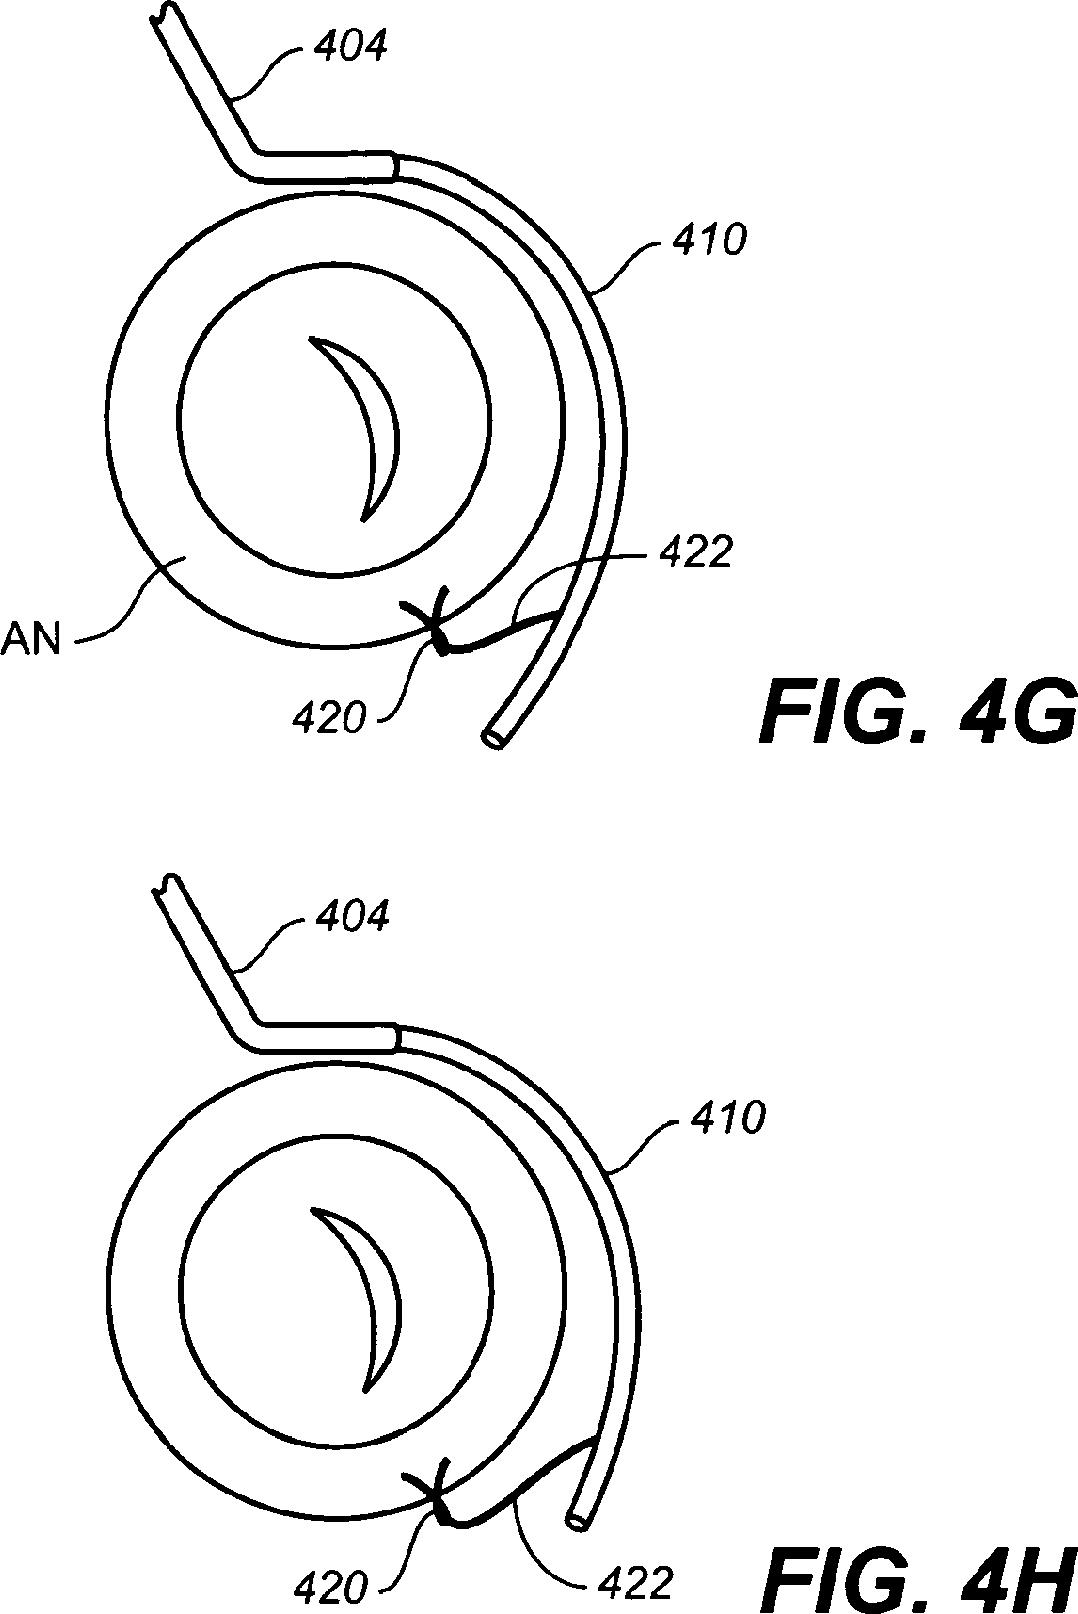 Figure AU2016266039B2_D0001